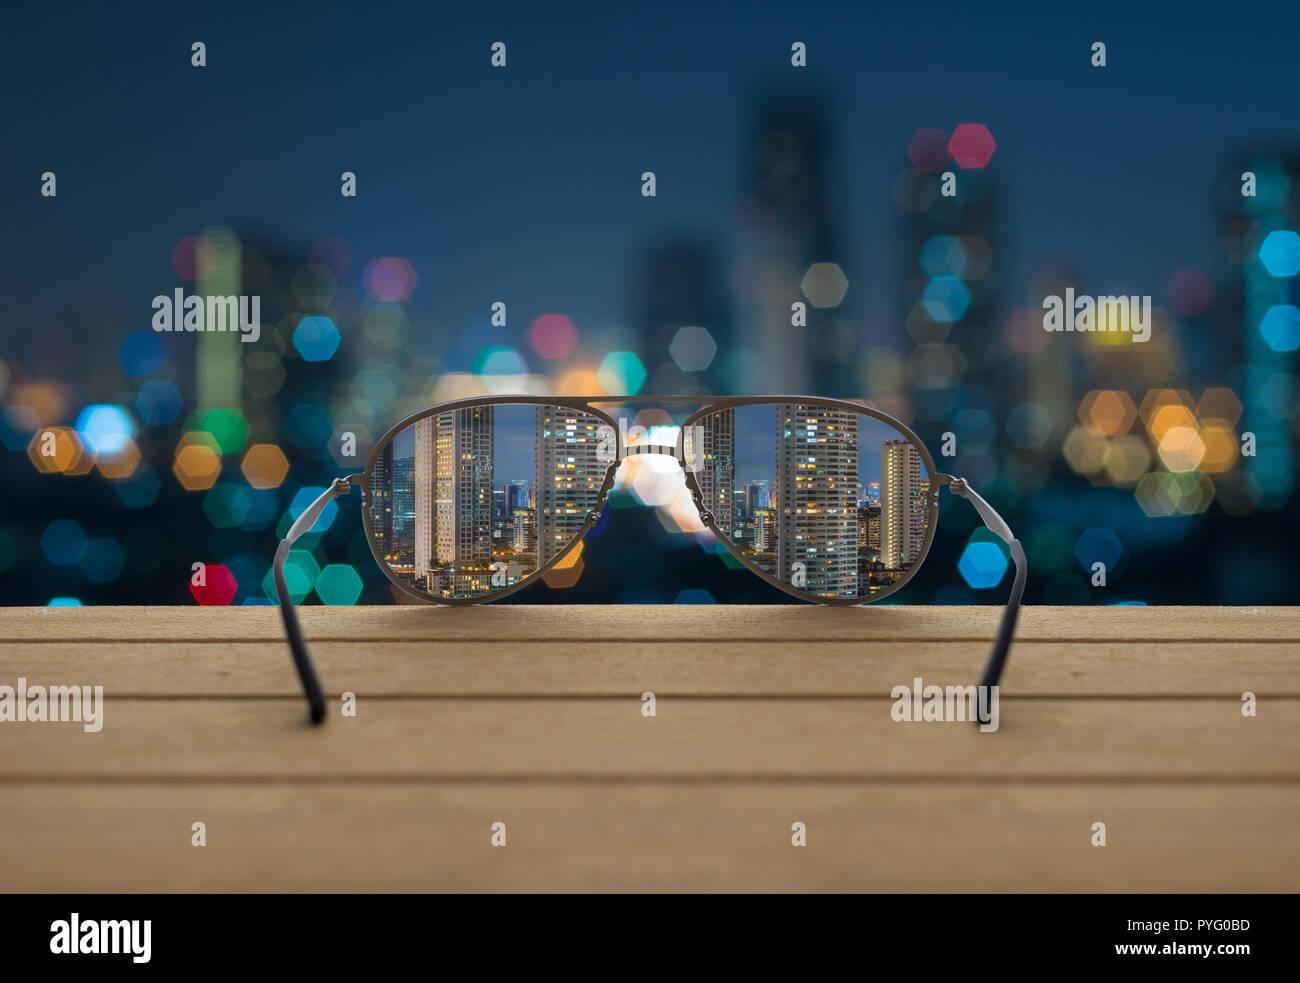 ef49f3c54a Paisaje urbano centrado en las lentes de las gafas en la madera a través de  la